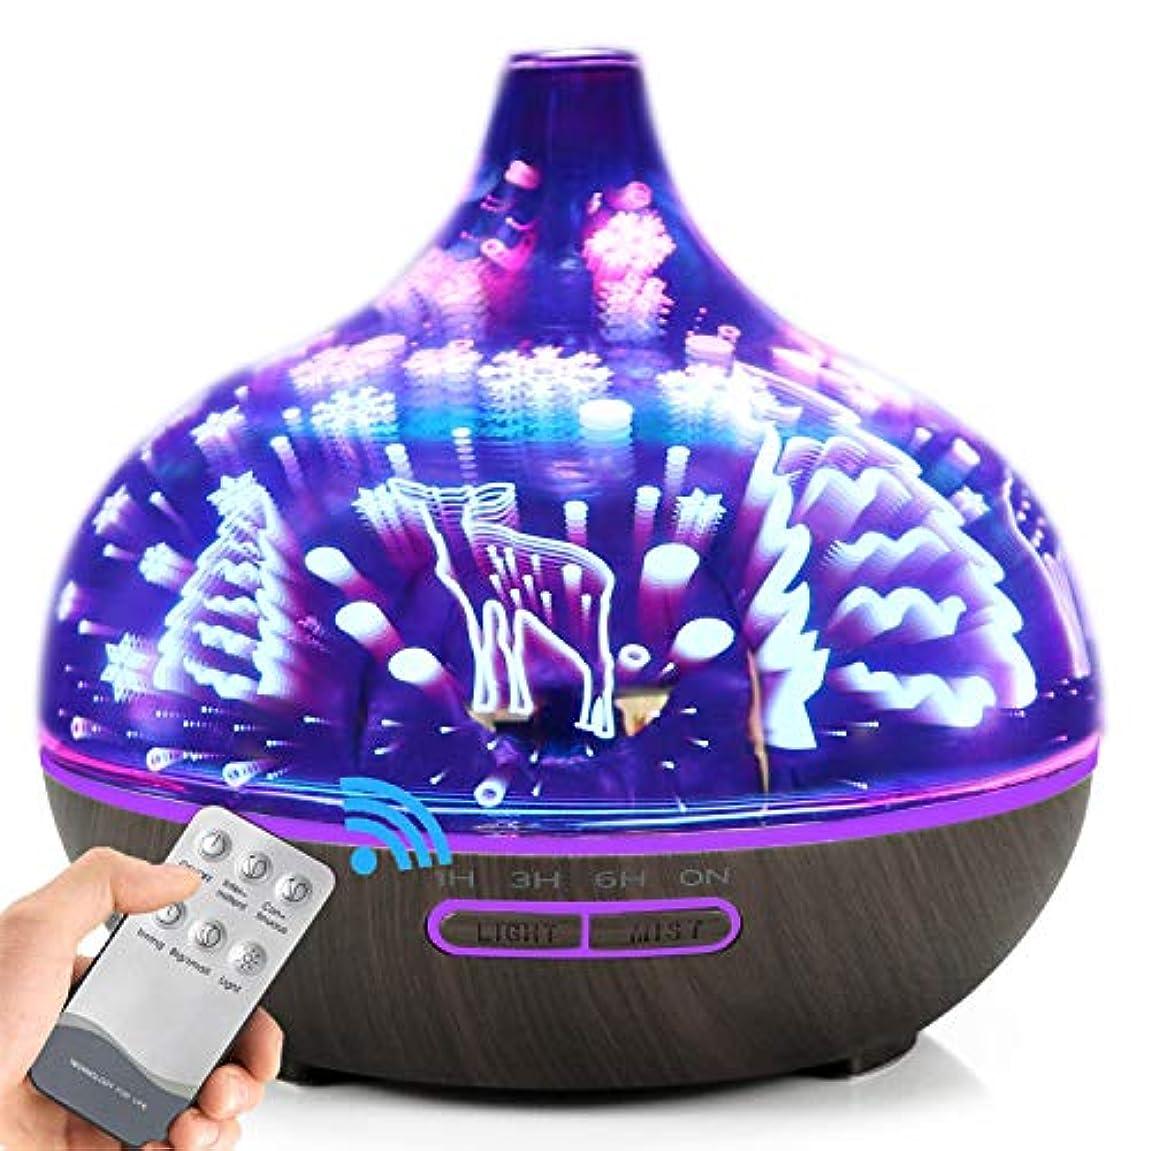 ハイランドポーチかわいらしいAXNYLHY Essential Oil Diffuser,400ml Aroma Diffuser 3D Colorful LED Night Light Glass humidifiers for Bedroom,...